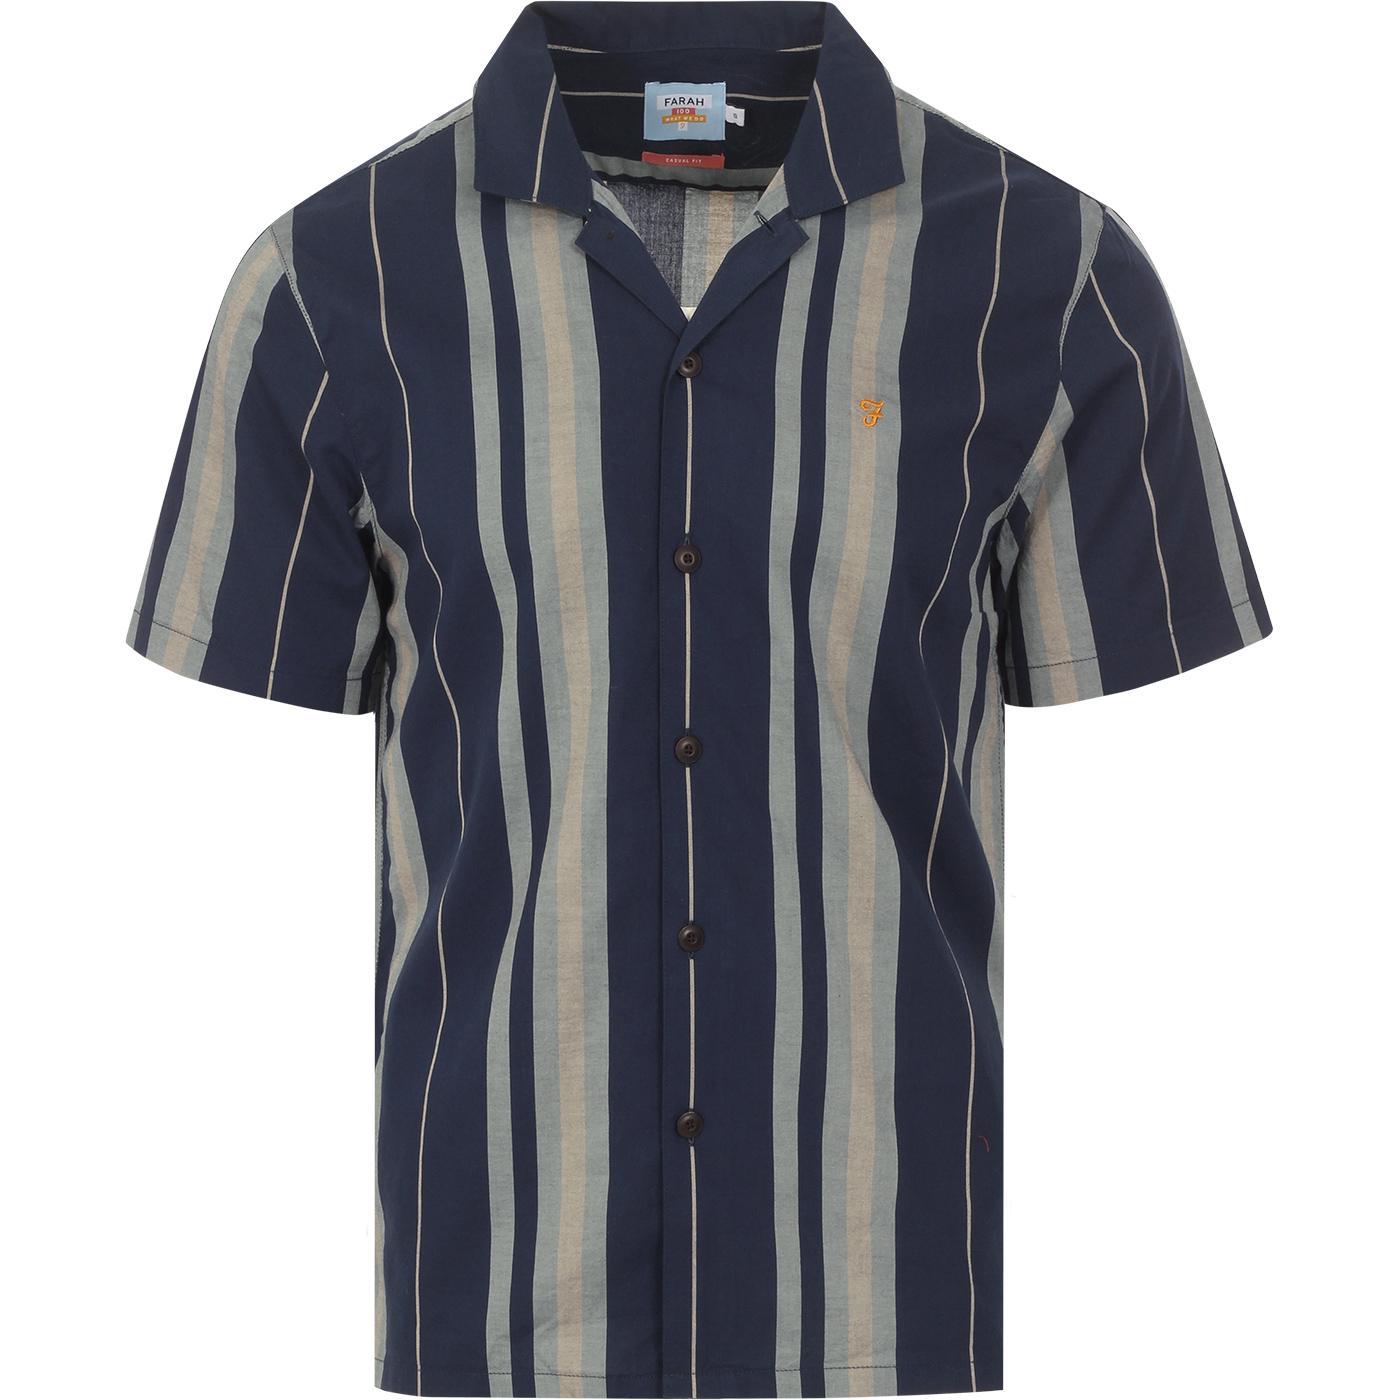 Laredo FARAH 100 Retro Stripe Cuban Collar Shirt Y